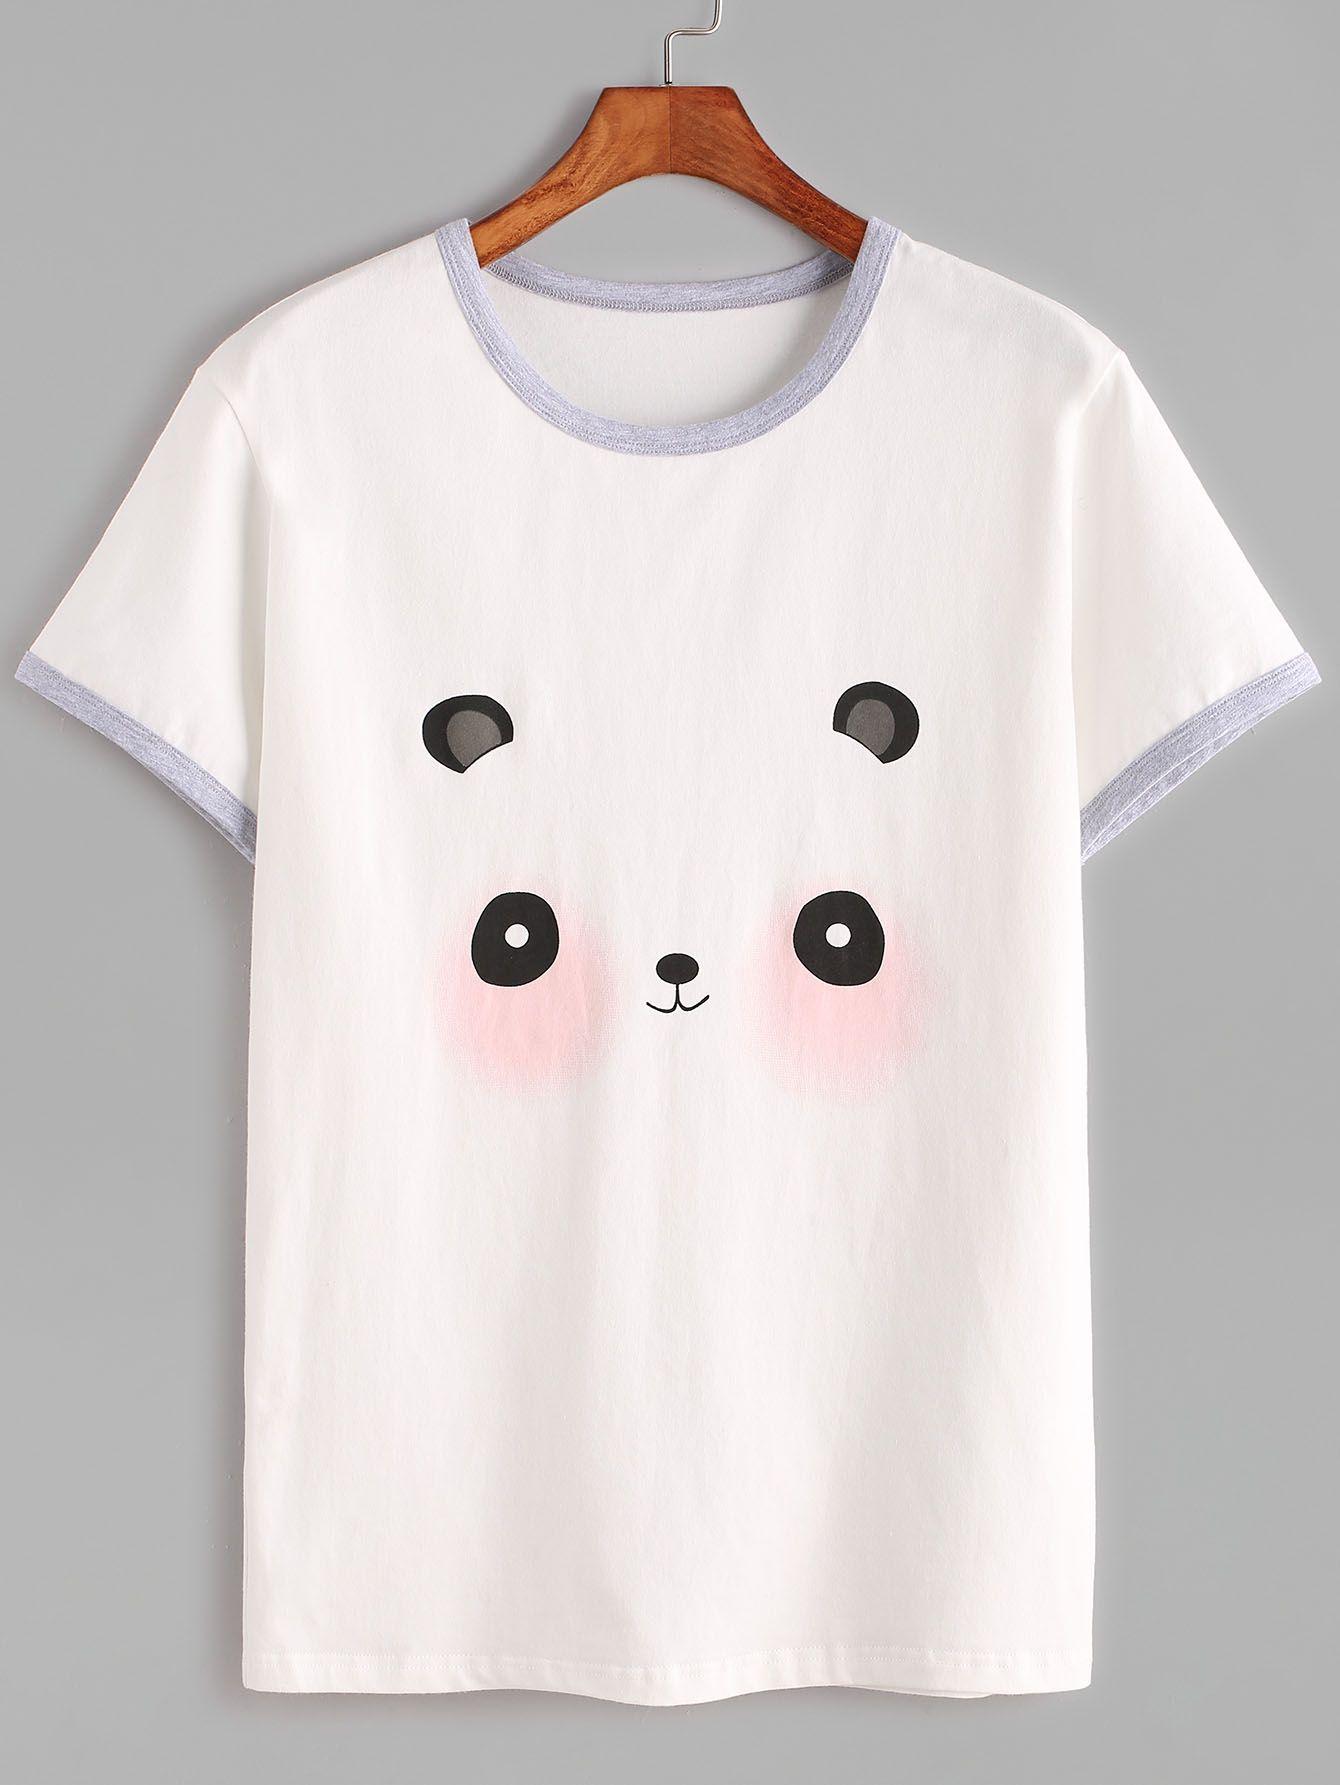 b7268692d6 Camiseta con estampado de panda-(Sheinside) | Camisas en 2019 ...